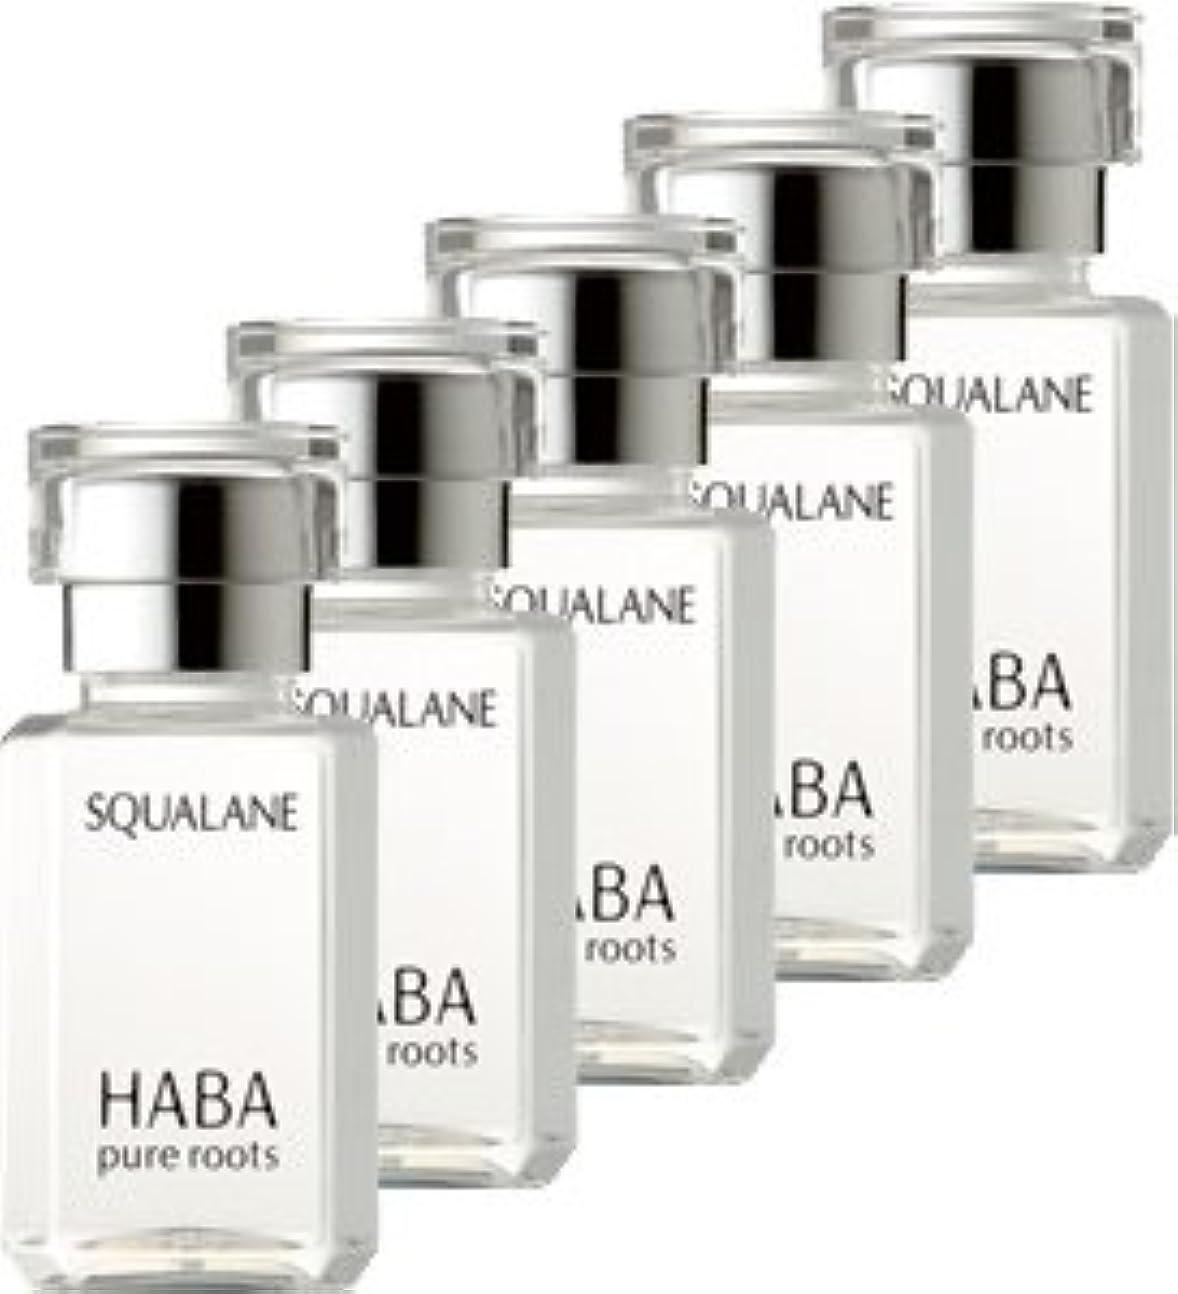 月曜マウントバンク原油HABA(ハーバー) スクワラン 15ml 5本セット